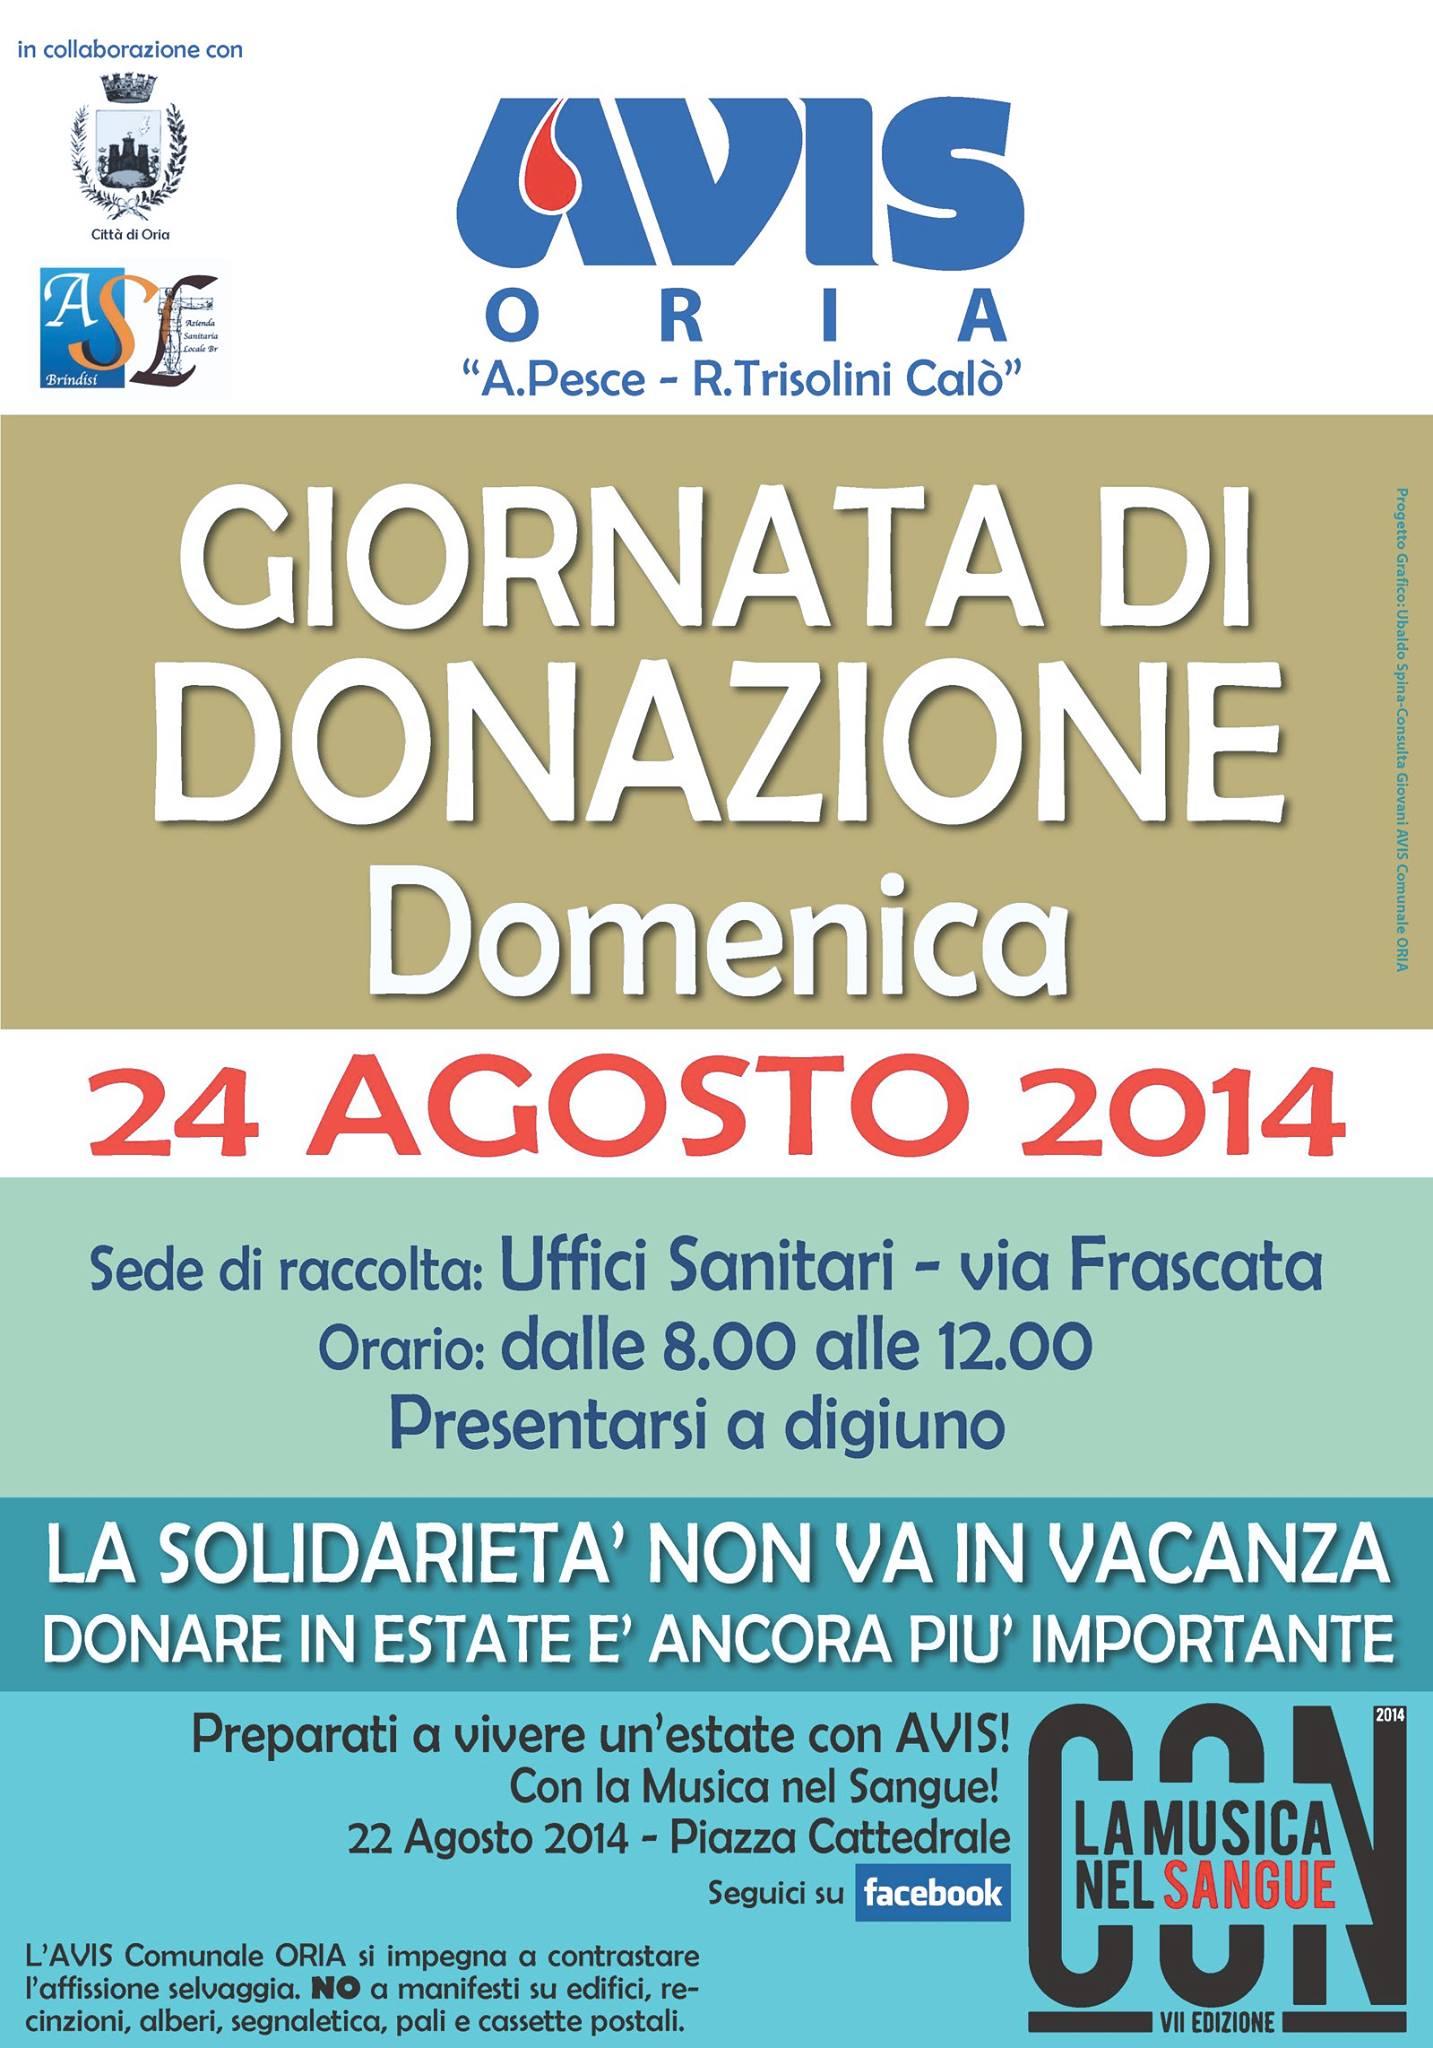 AVIS_ORIA_DONAZIONE_24AGOSTO2014